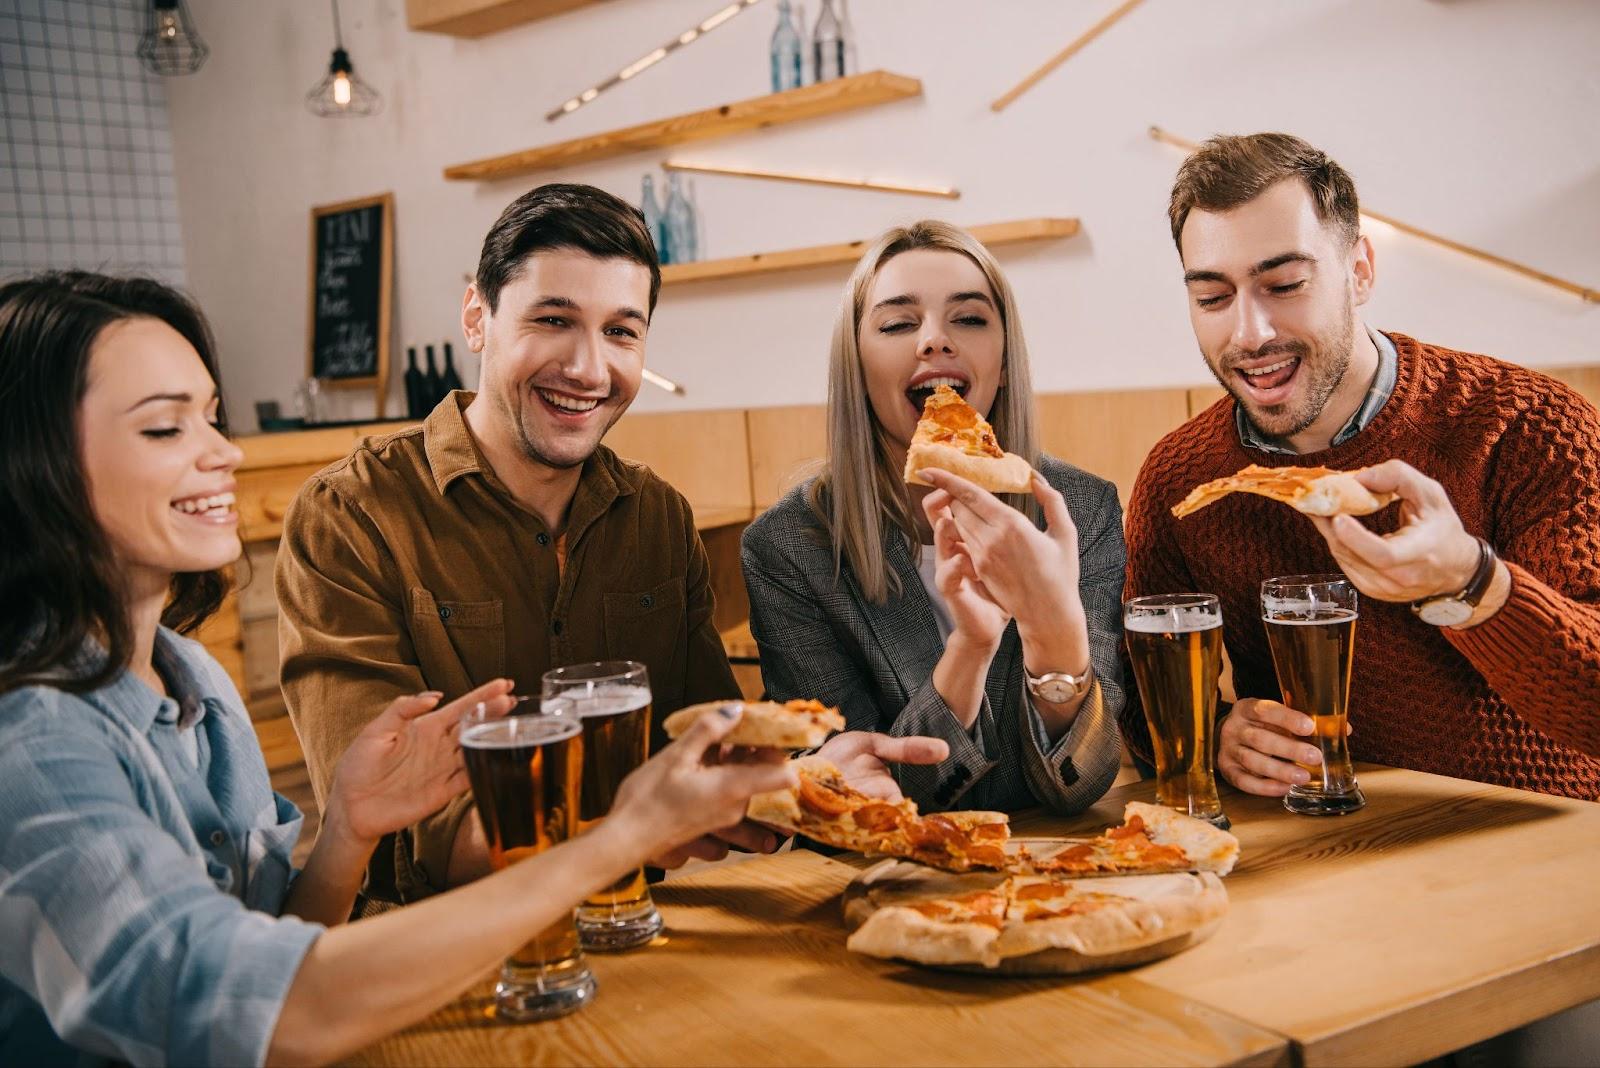 pizza-friends.jpeg (308. Kb)